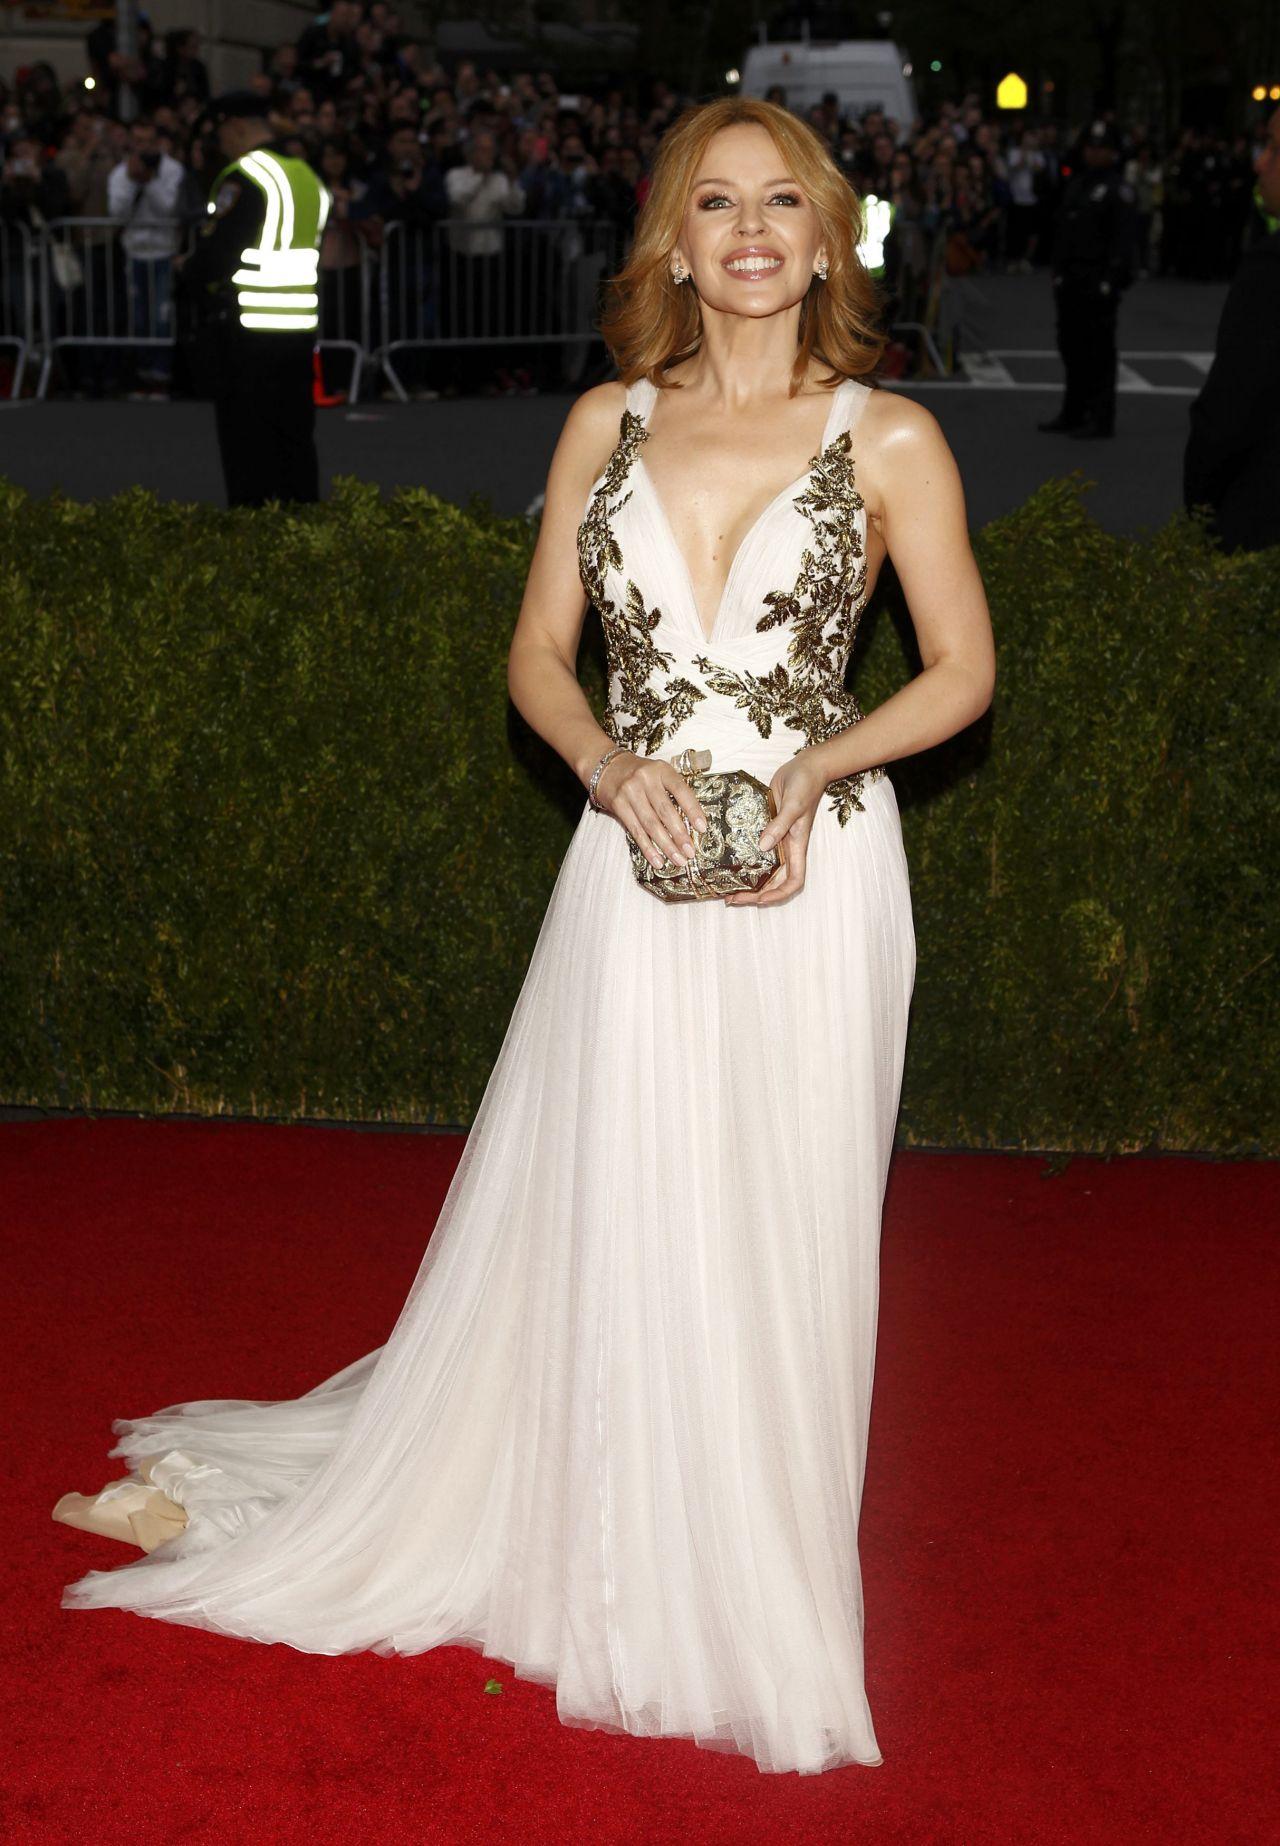 Kylie Minogue 2014 Met Costume Institute Gala